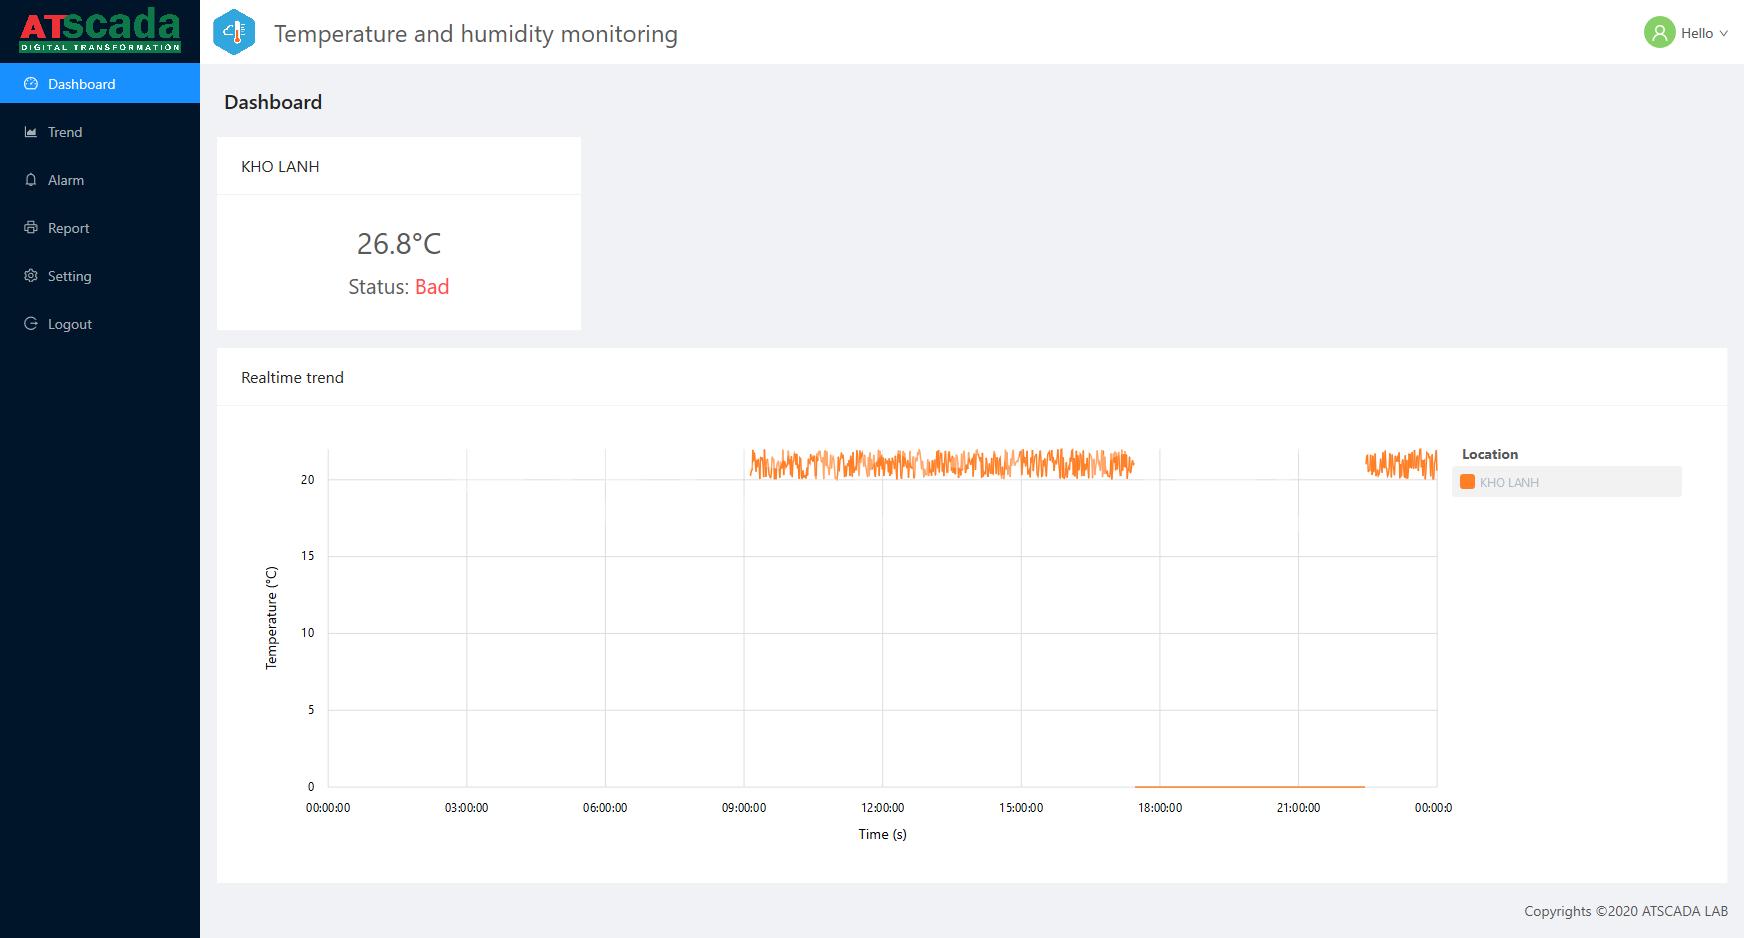 phần mềm giám sát cảnh báo nhiệt độ kho lạnh - giao diện hiển thị dashboard